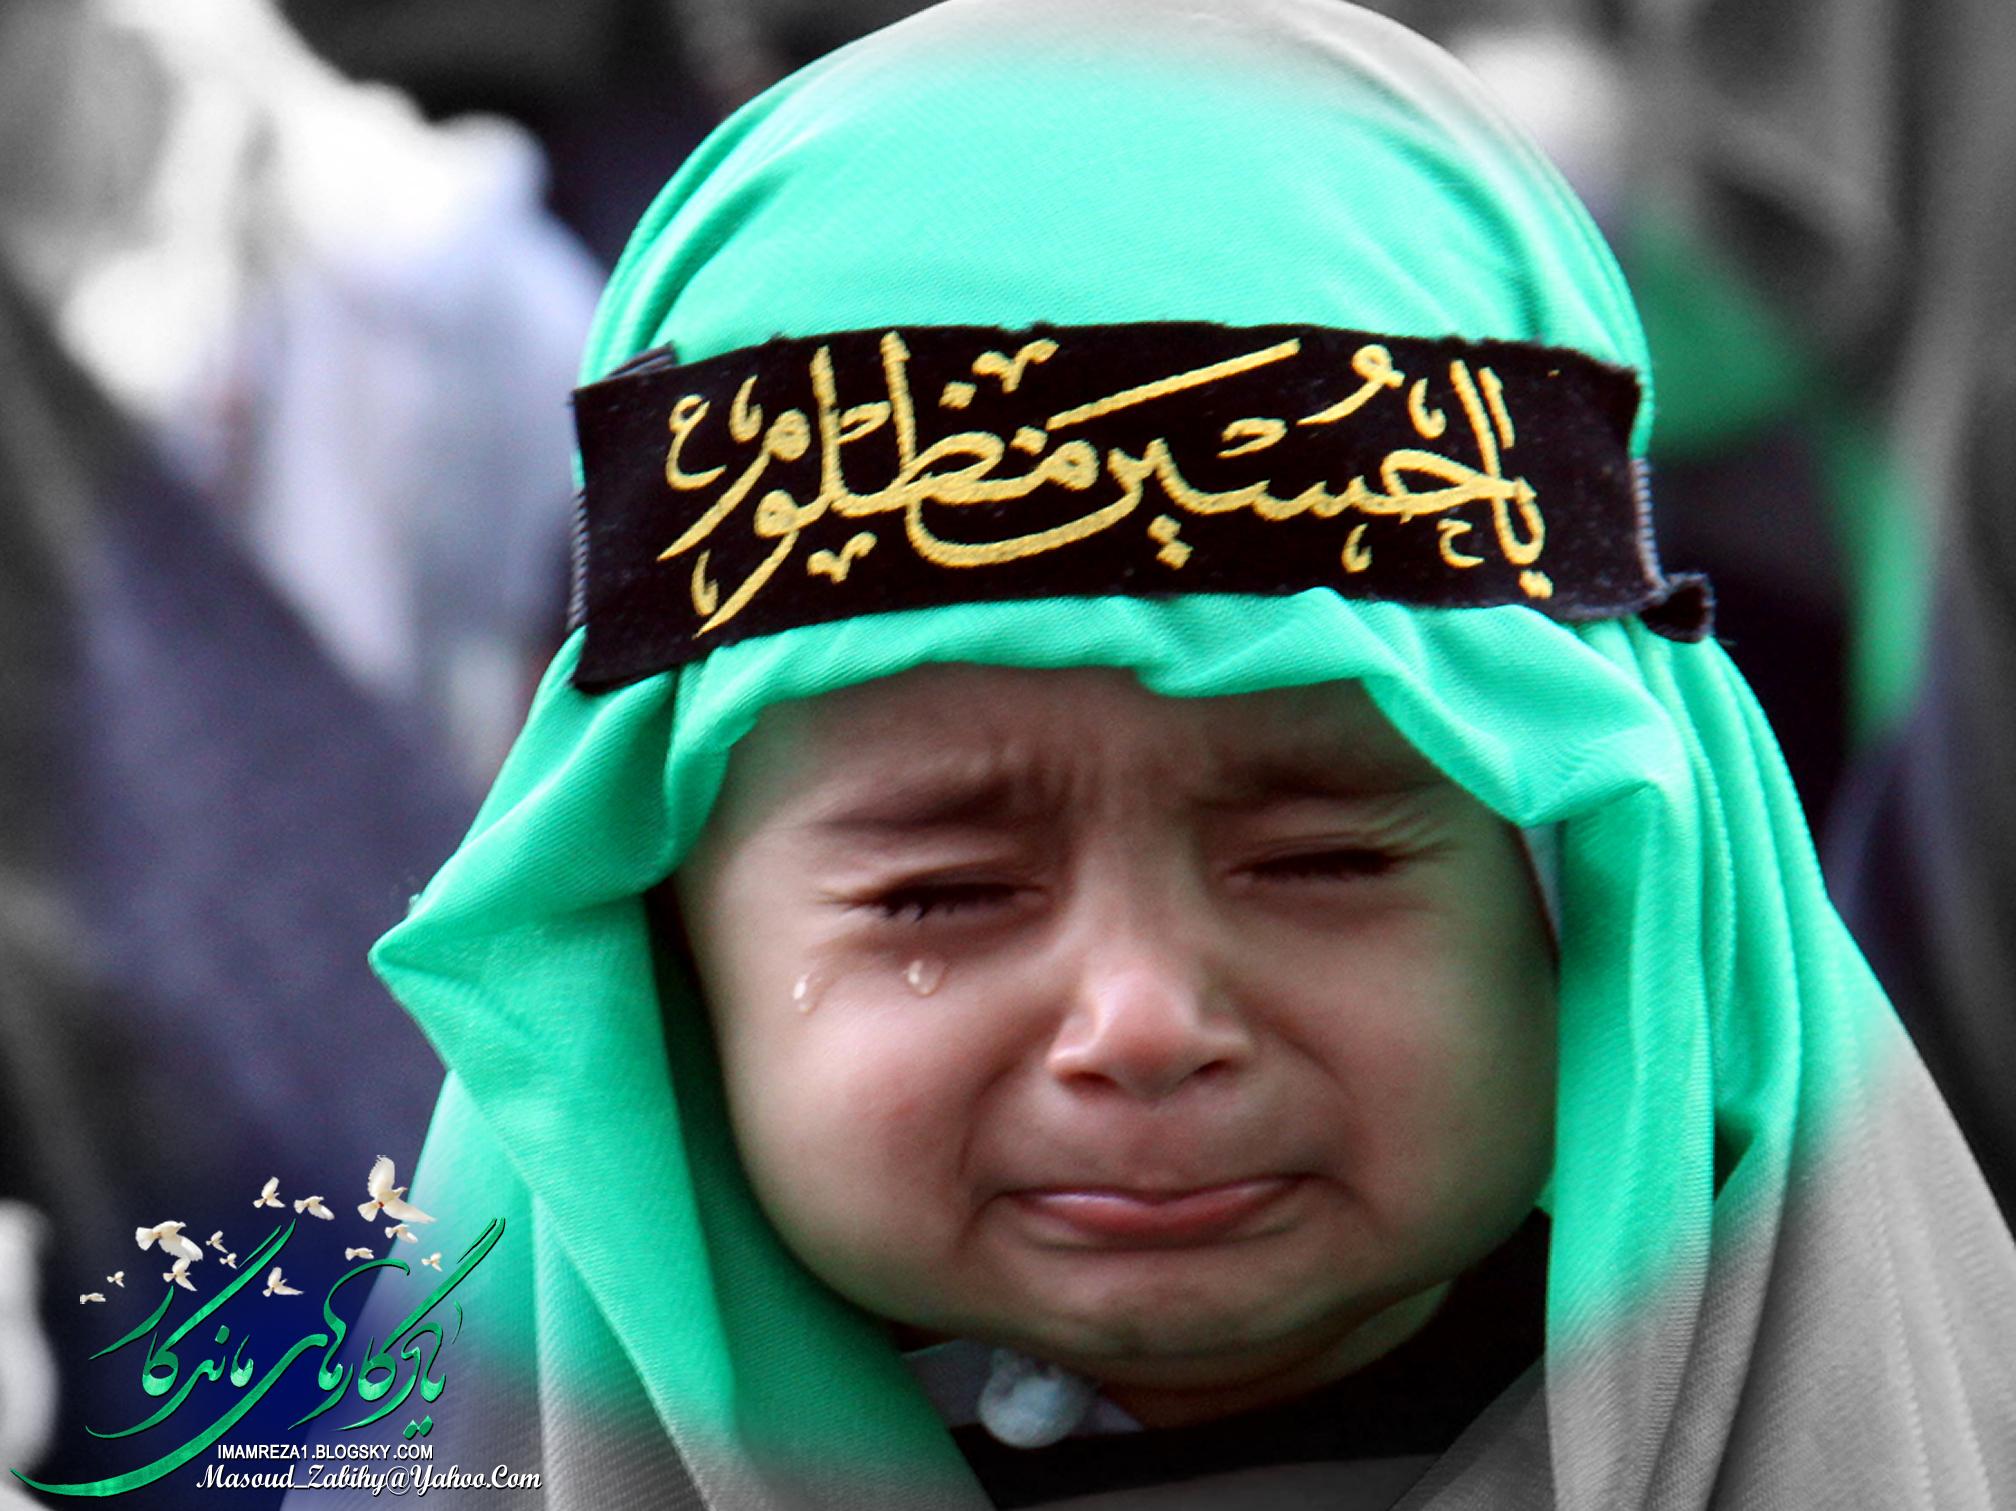 <b>...</b> YA HAZRAT <b>ALI ASGHAR</b> by IMAMREZA1 - ya_hazrat_ali_asghar_by_imamreza1-d9gg0us